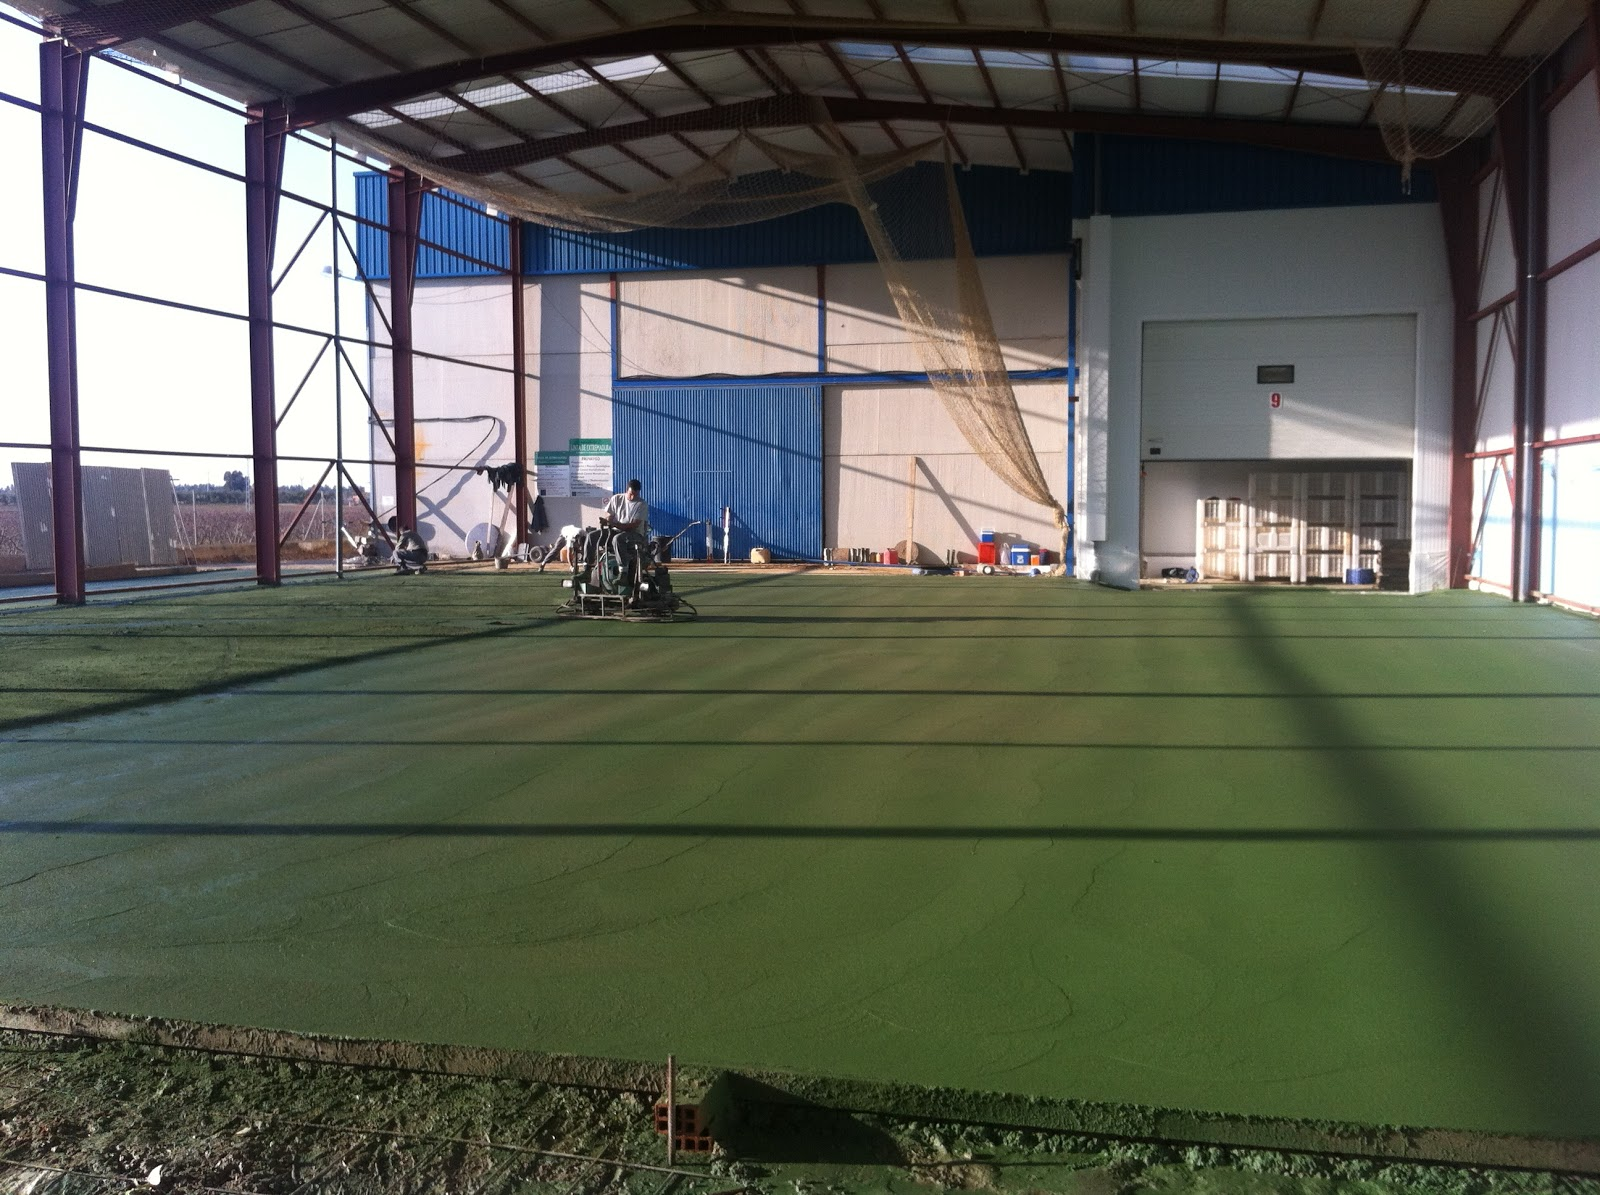 Bhetta pavimento pulido hormigon verde for Hormigon pulido blanco